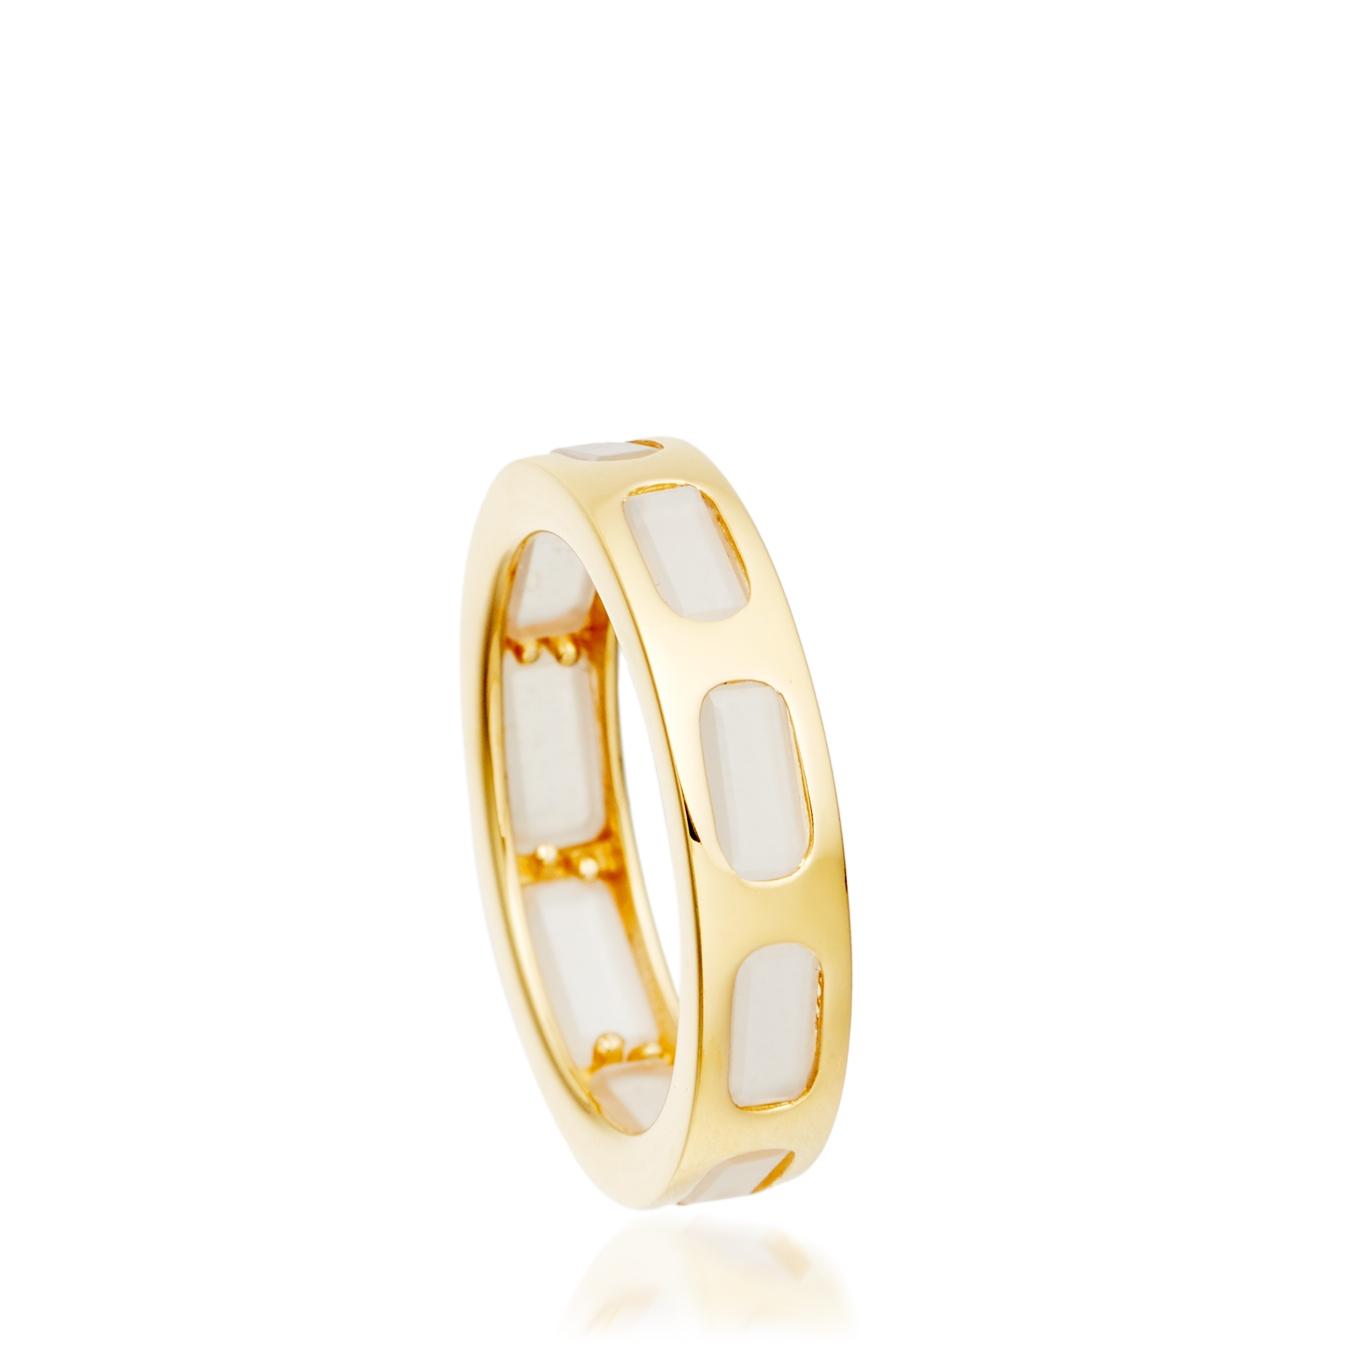 Moonstone Prismic Slice Ring